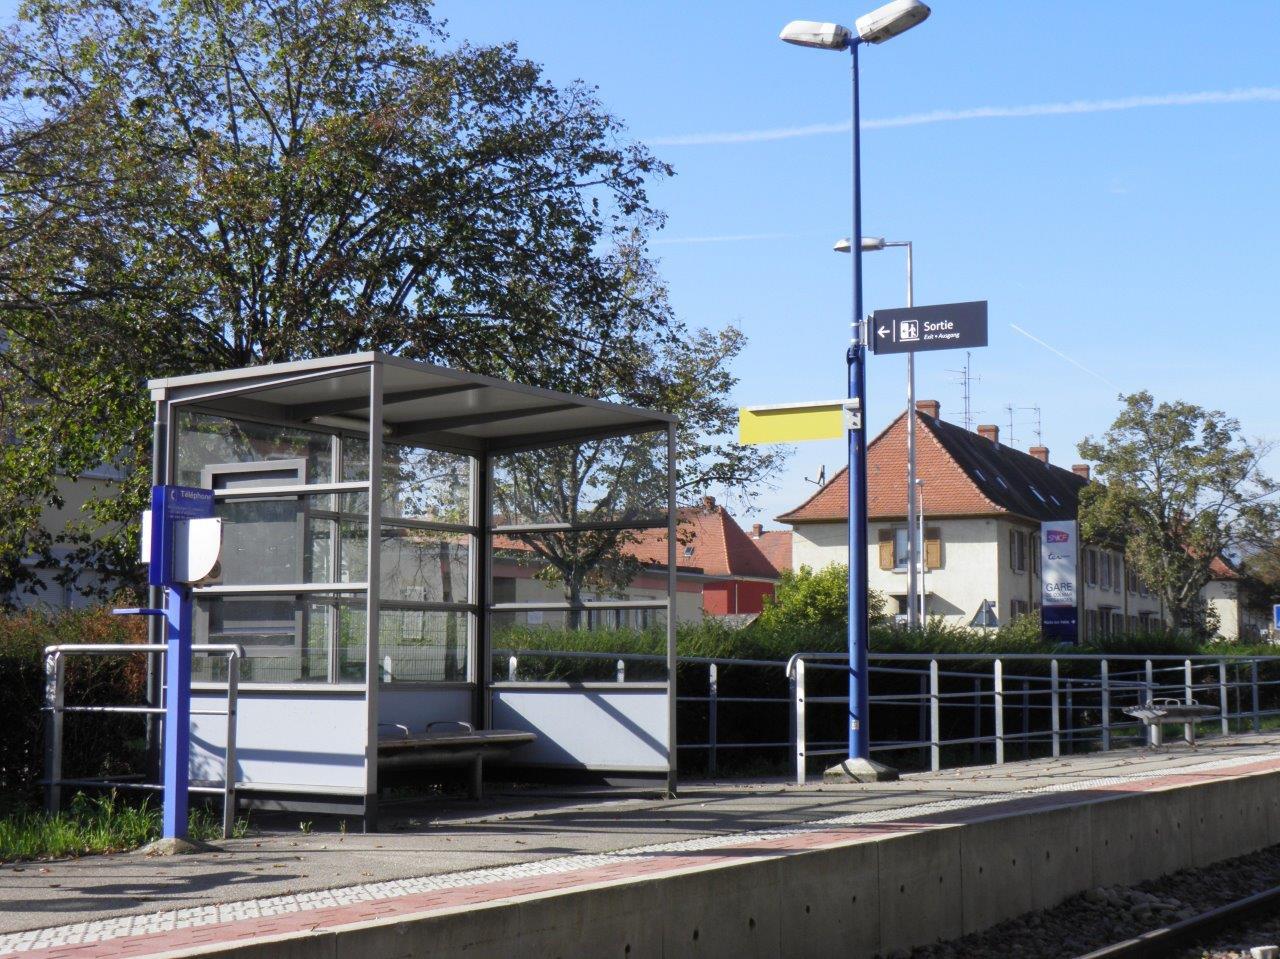 gare-de-colmar-mesanges-train-station